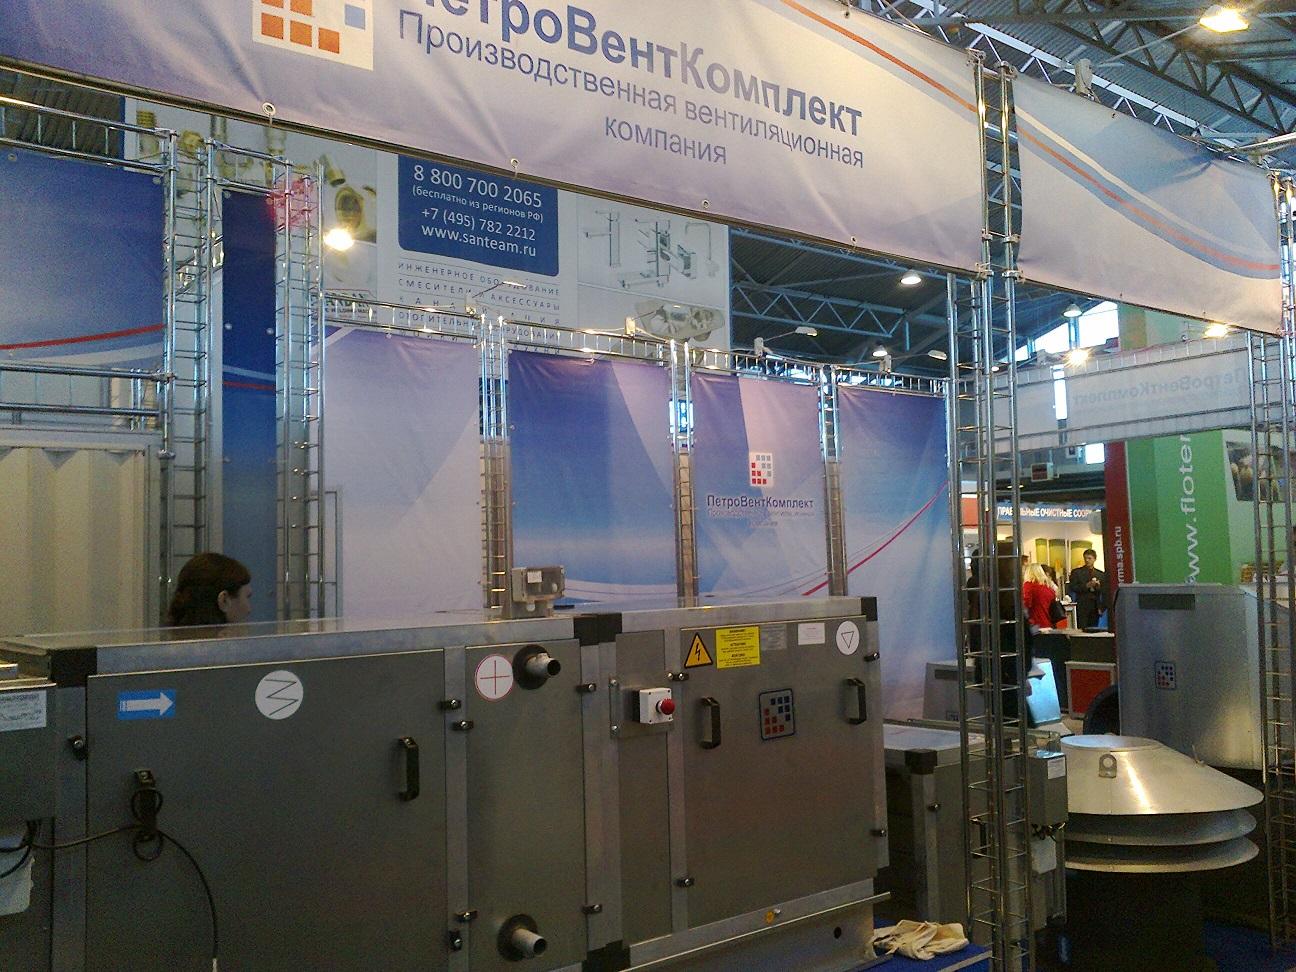 Вентиляционный завод ПетроВентКомплект г.Санкт-Петрбург. Фото на выставка 2014 год